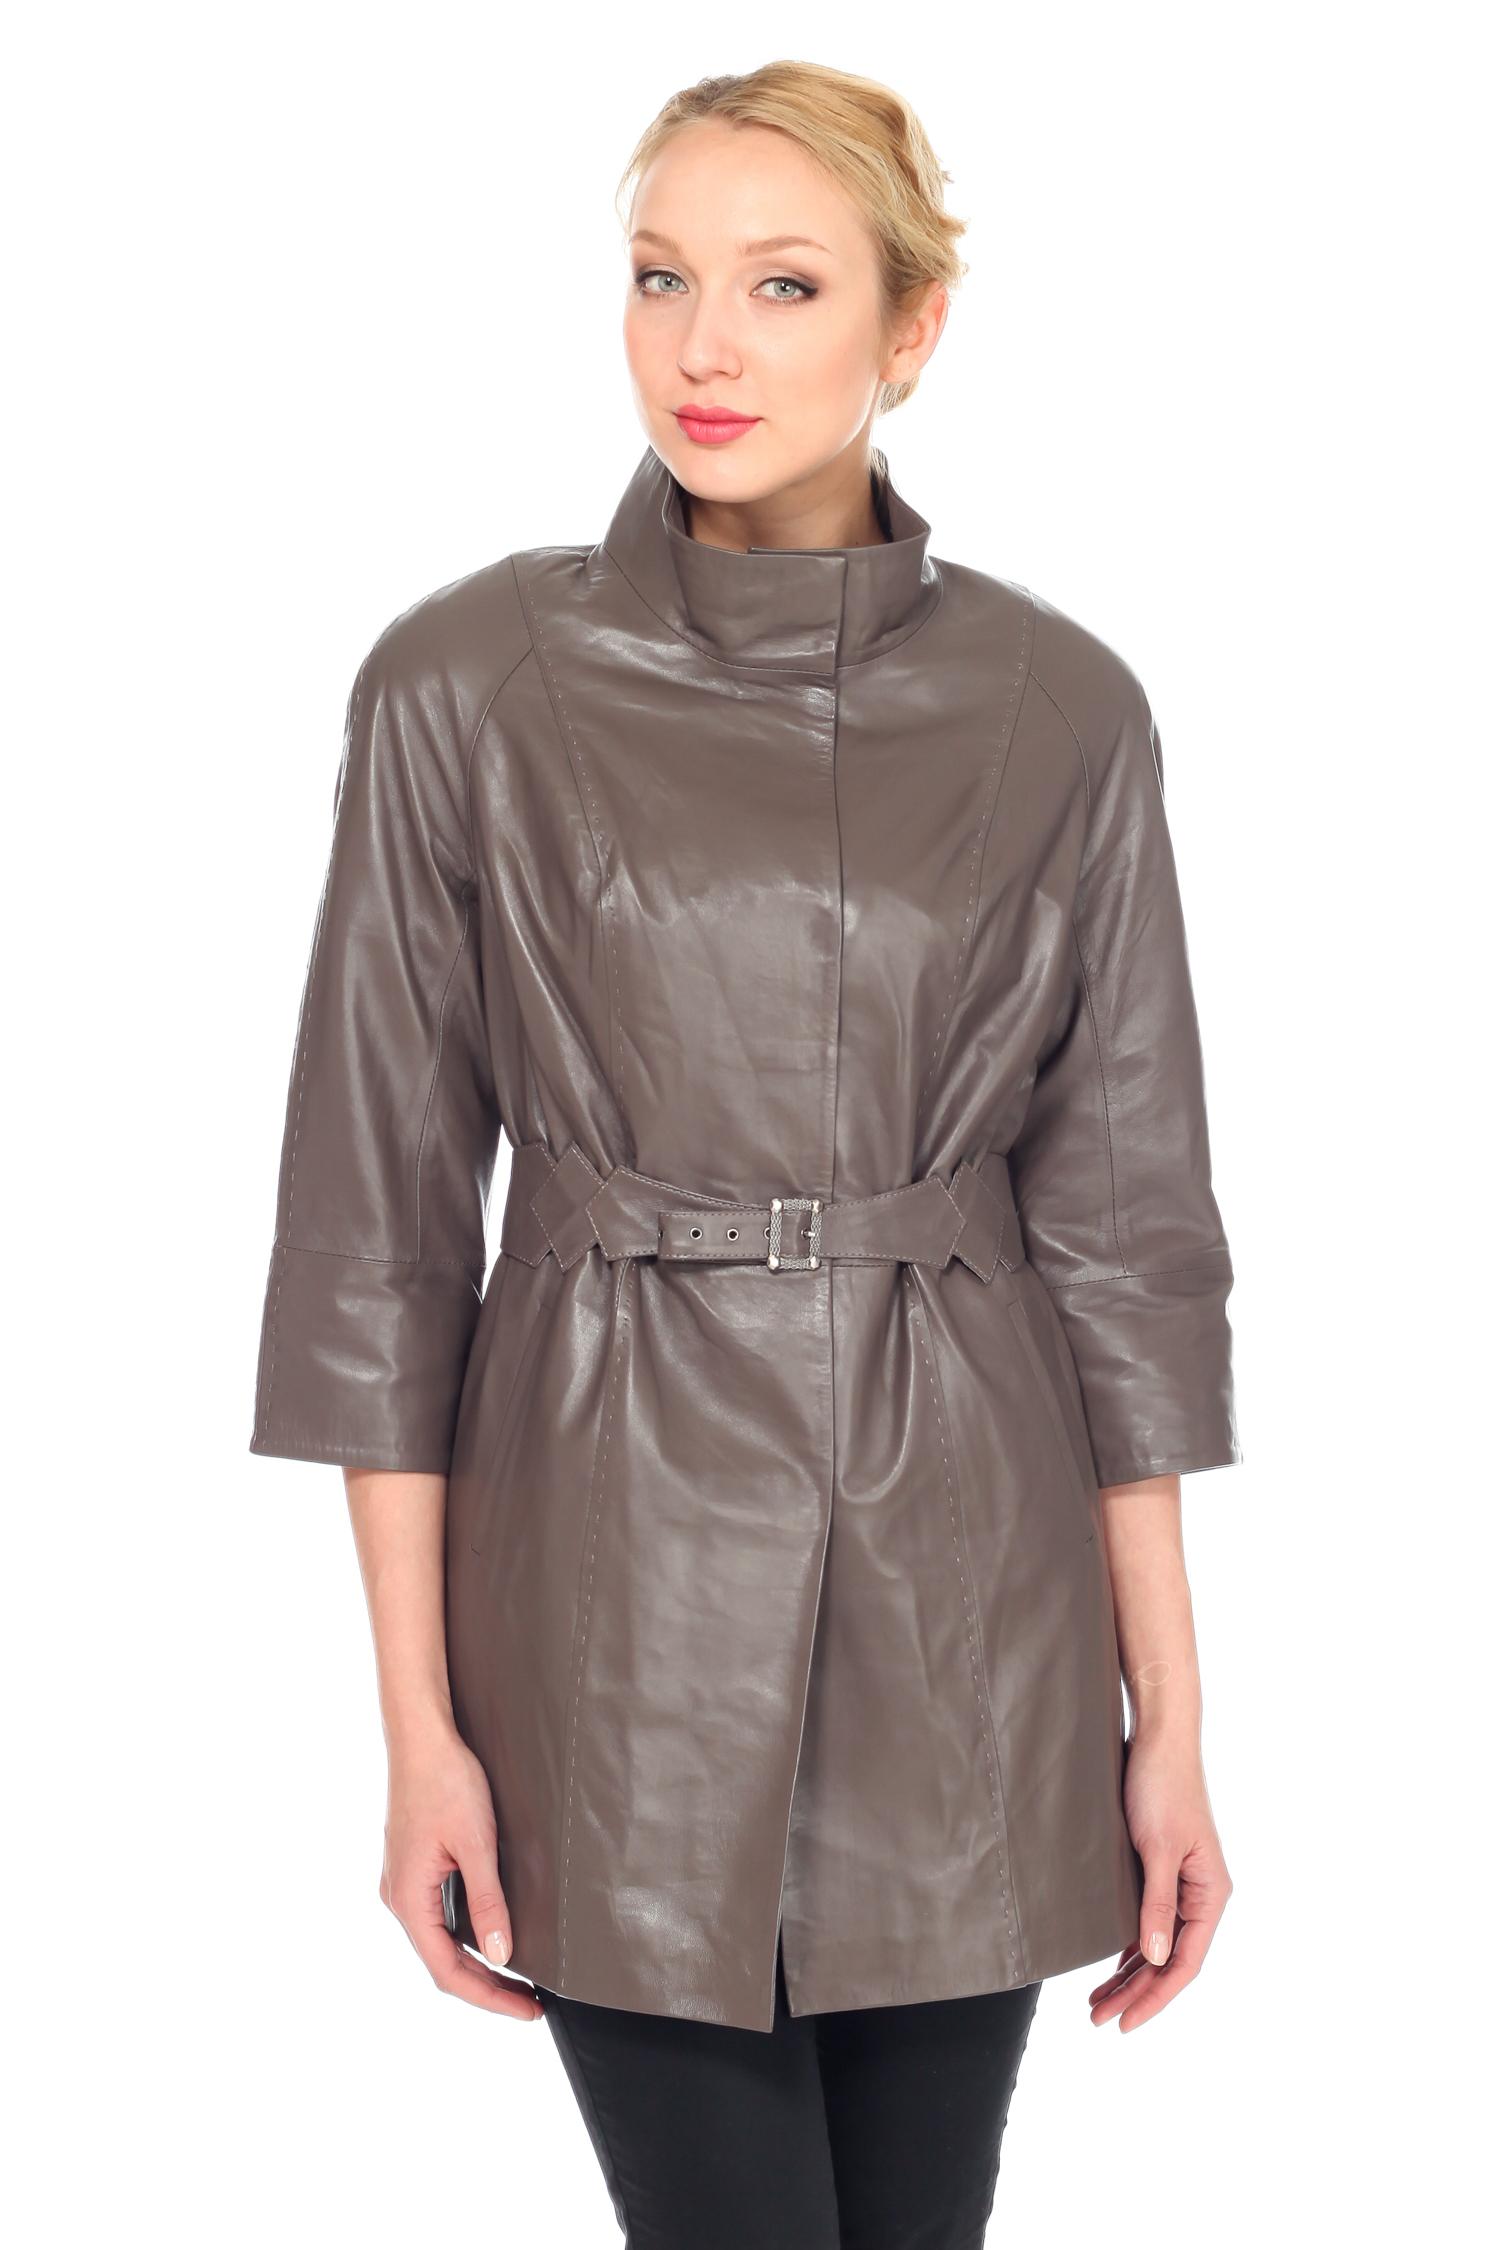 Женская кожаная куртка из натуральной кожи с воротником, без отделки<br><br>Воротник: стойка<br>Длина см: Средняя (75-89 )<br>Материал: Кожа овчина<br>Цвет: бежевый<br>Застежка: на кнопки<br>Пол: Женский<br>Размер RU: 54